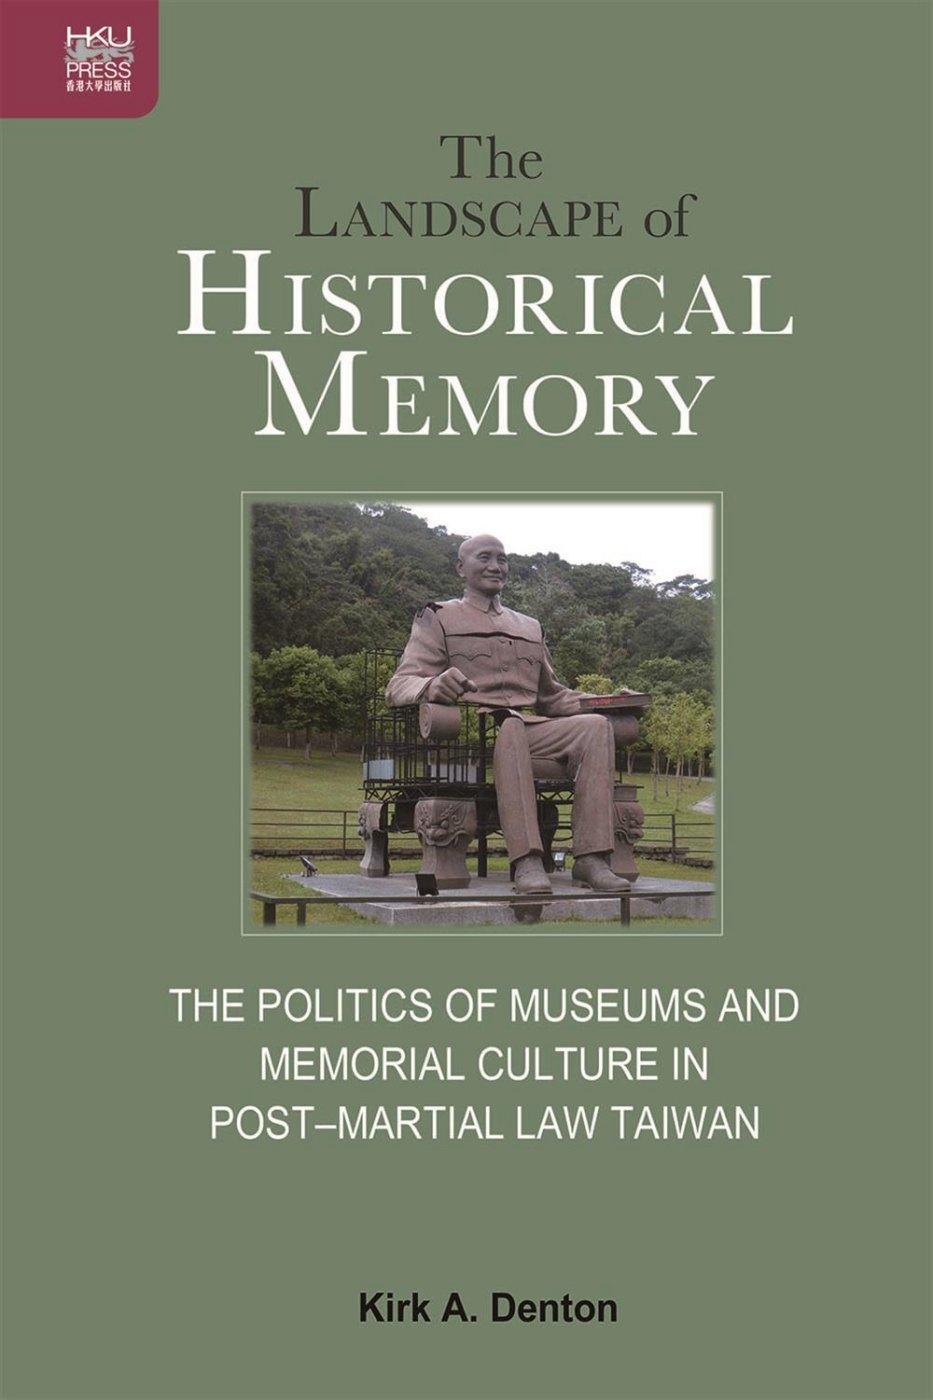 歷史記憶的景觀:戒嚴後的台灣博...